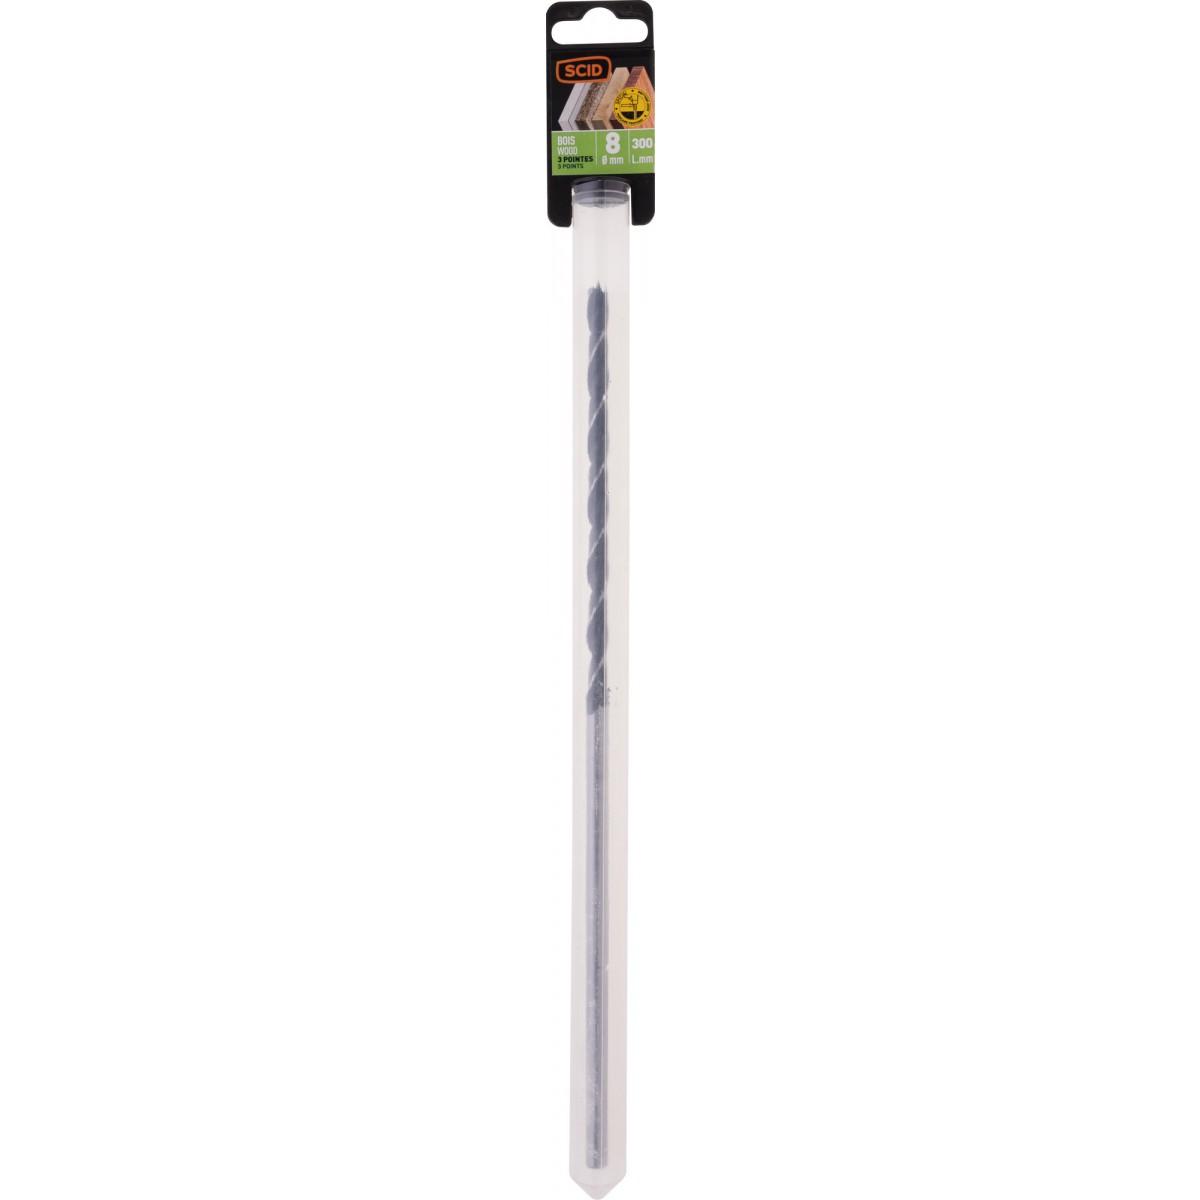 Mèche à bois 3 pointes SCID - Longueur 300 mm - Diamètre 8 mm